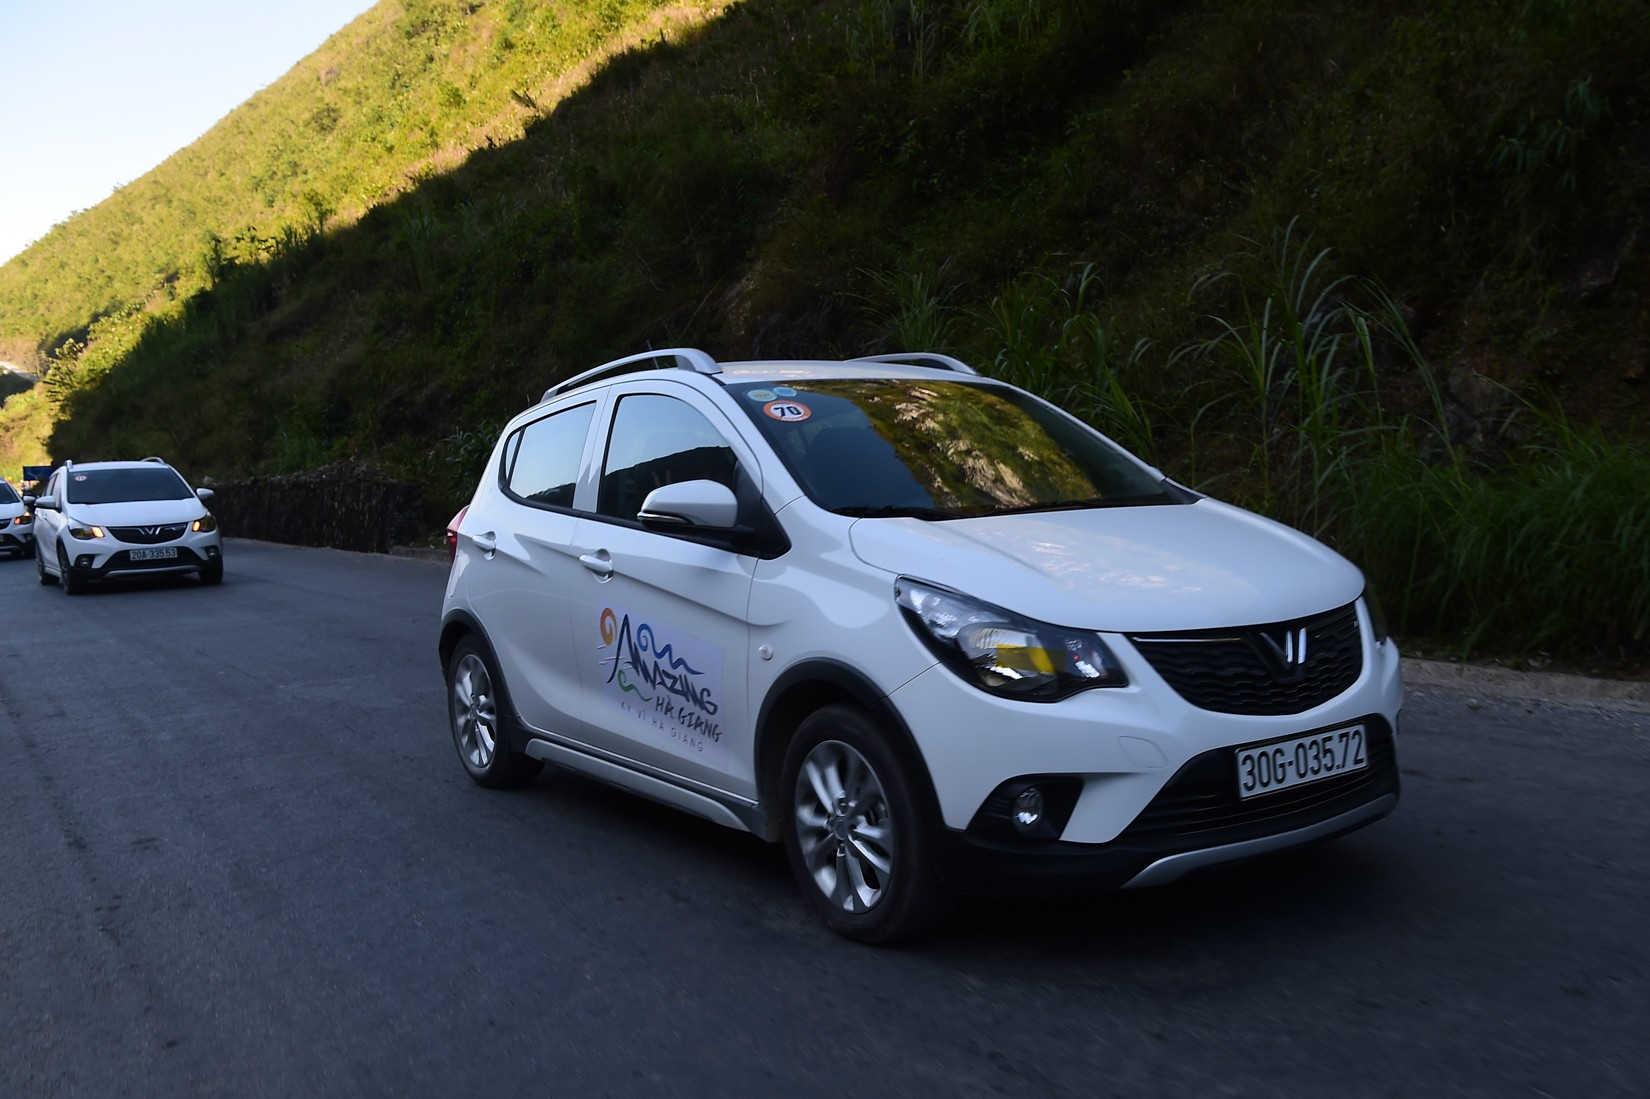 Xe VinFast sẽ được miễn phí gửi xe 6 tiếng/lần tại Vincom và Vinhomes